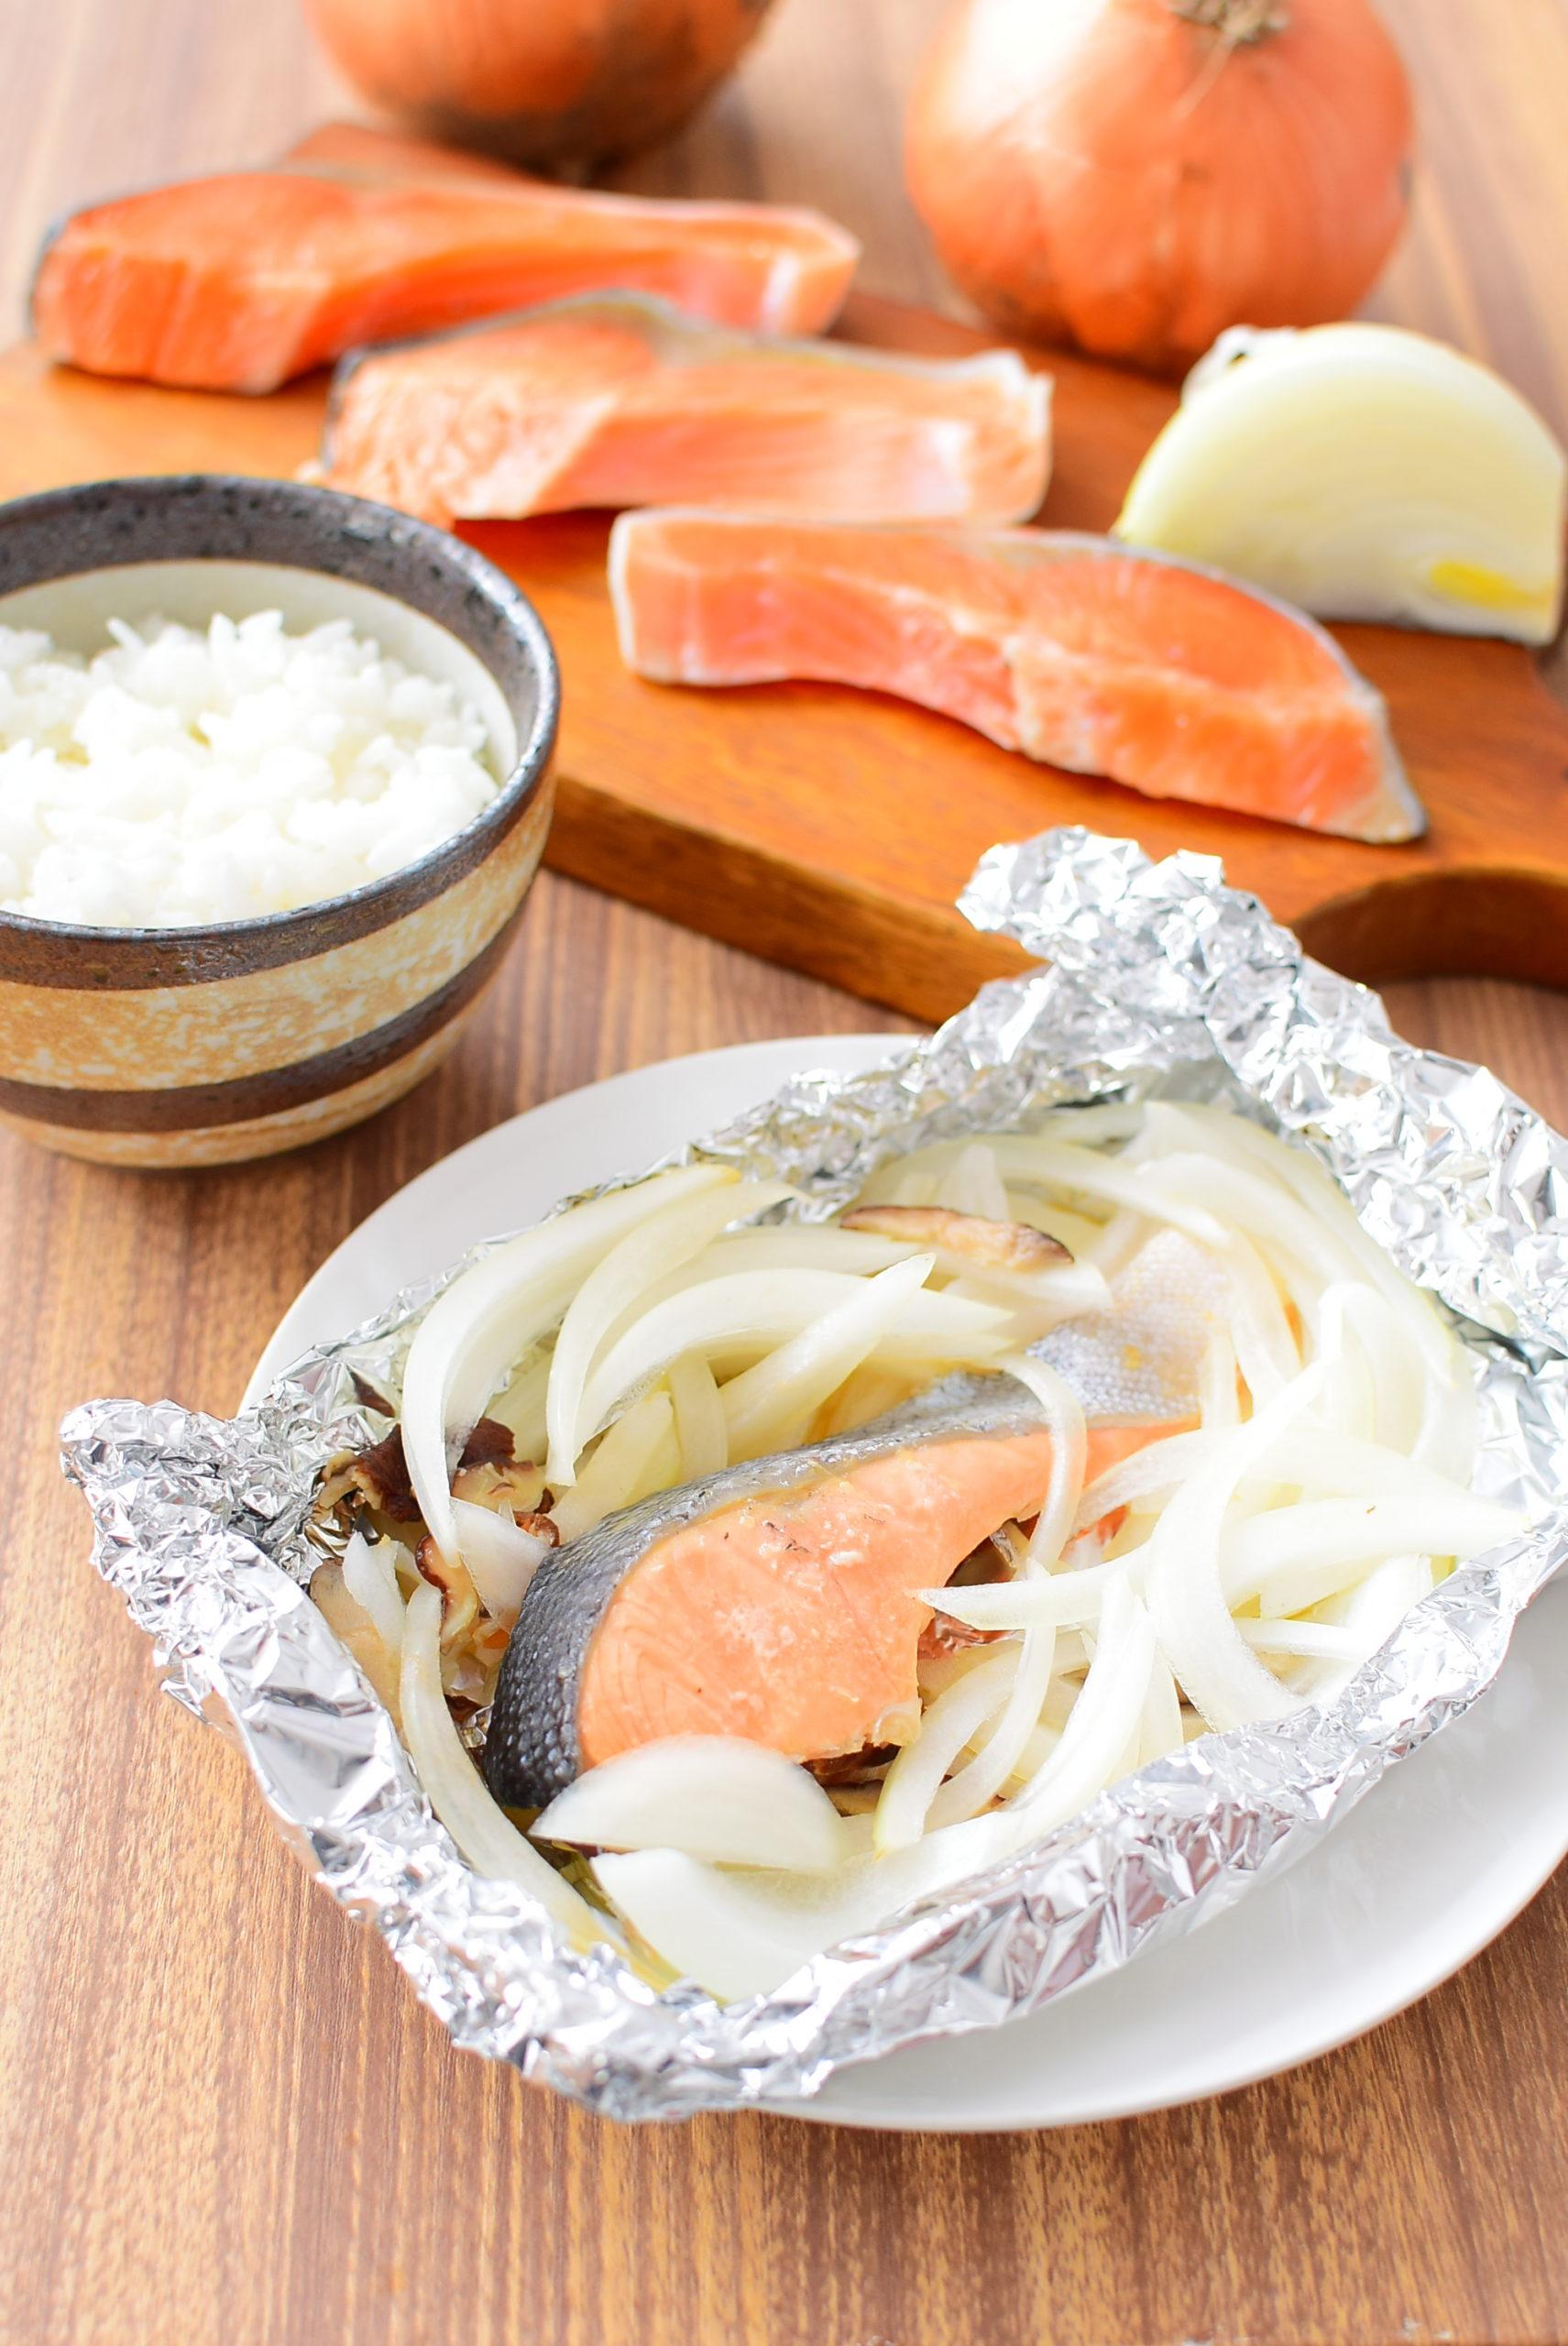 鮭と玉ねぎのホイル焼きのレシピ写真